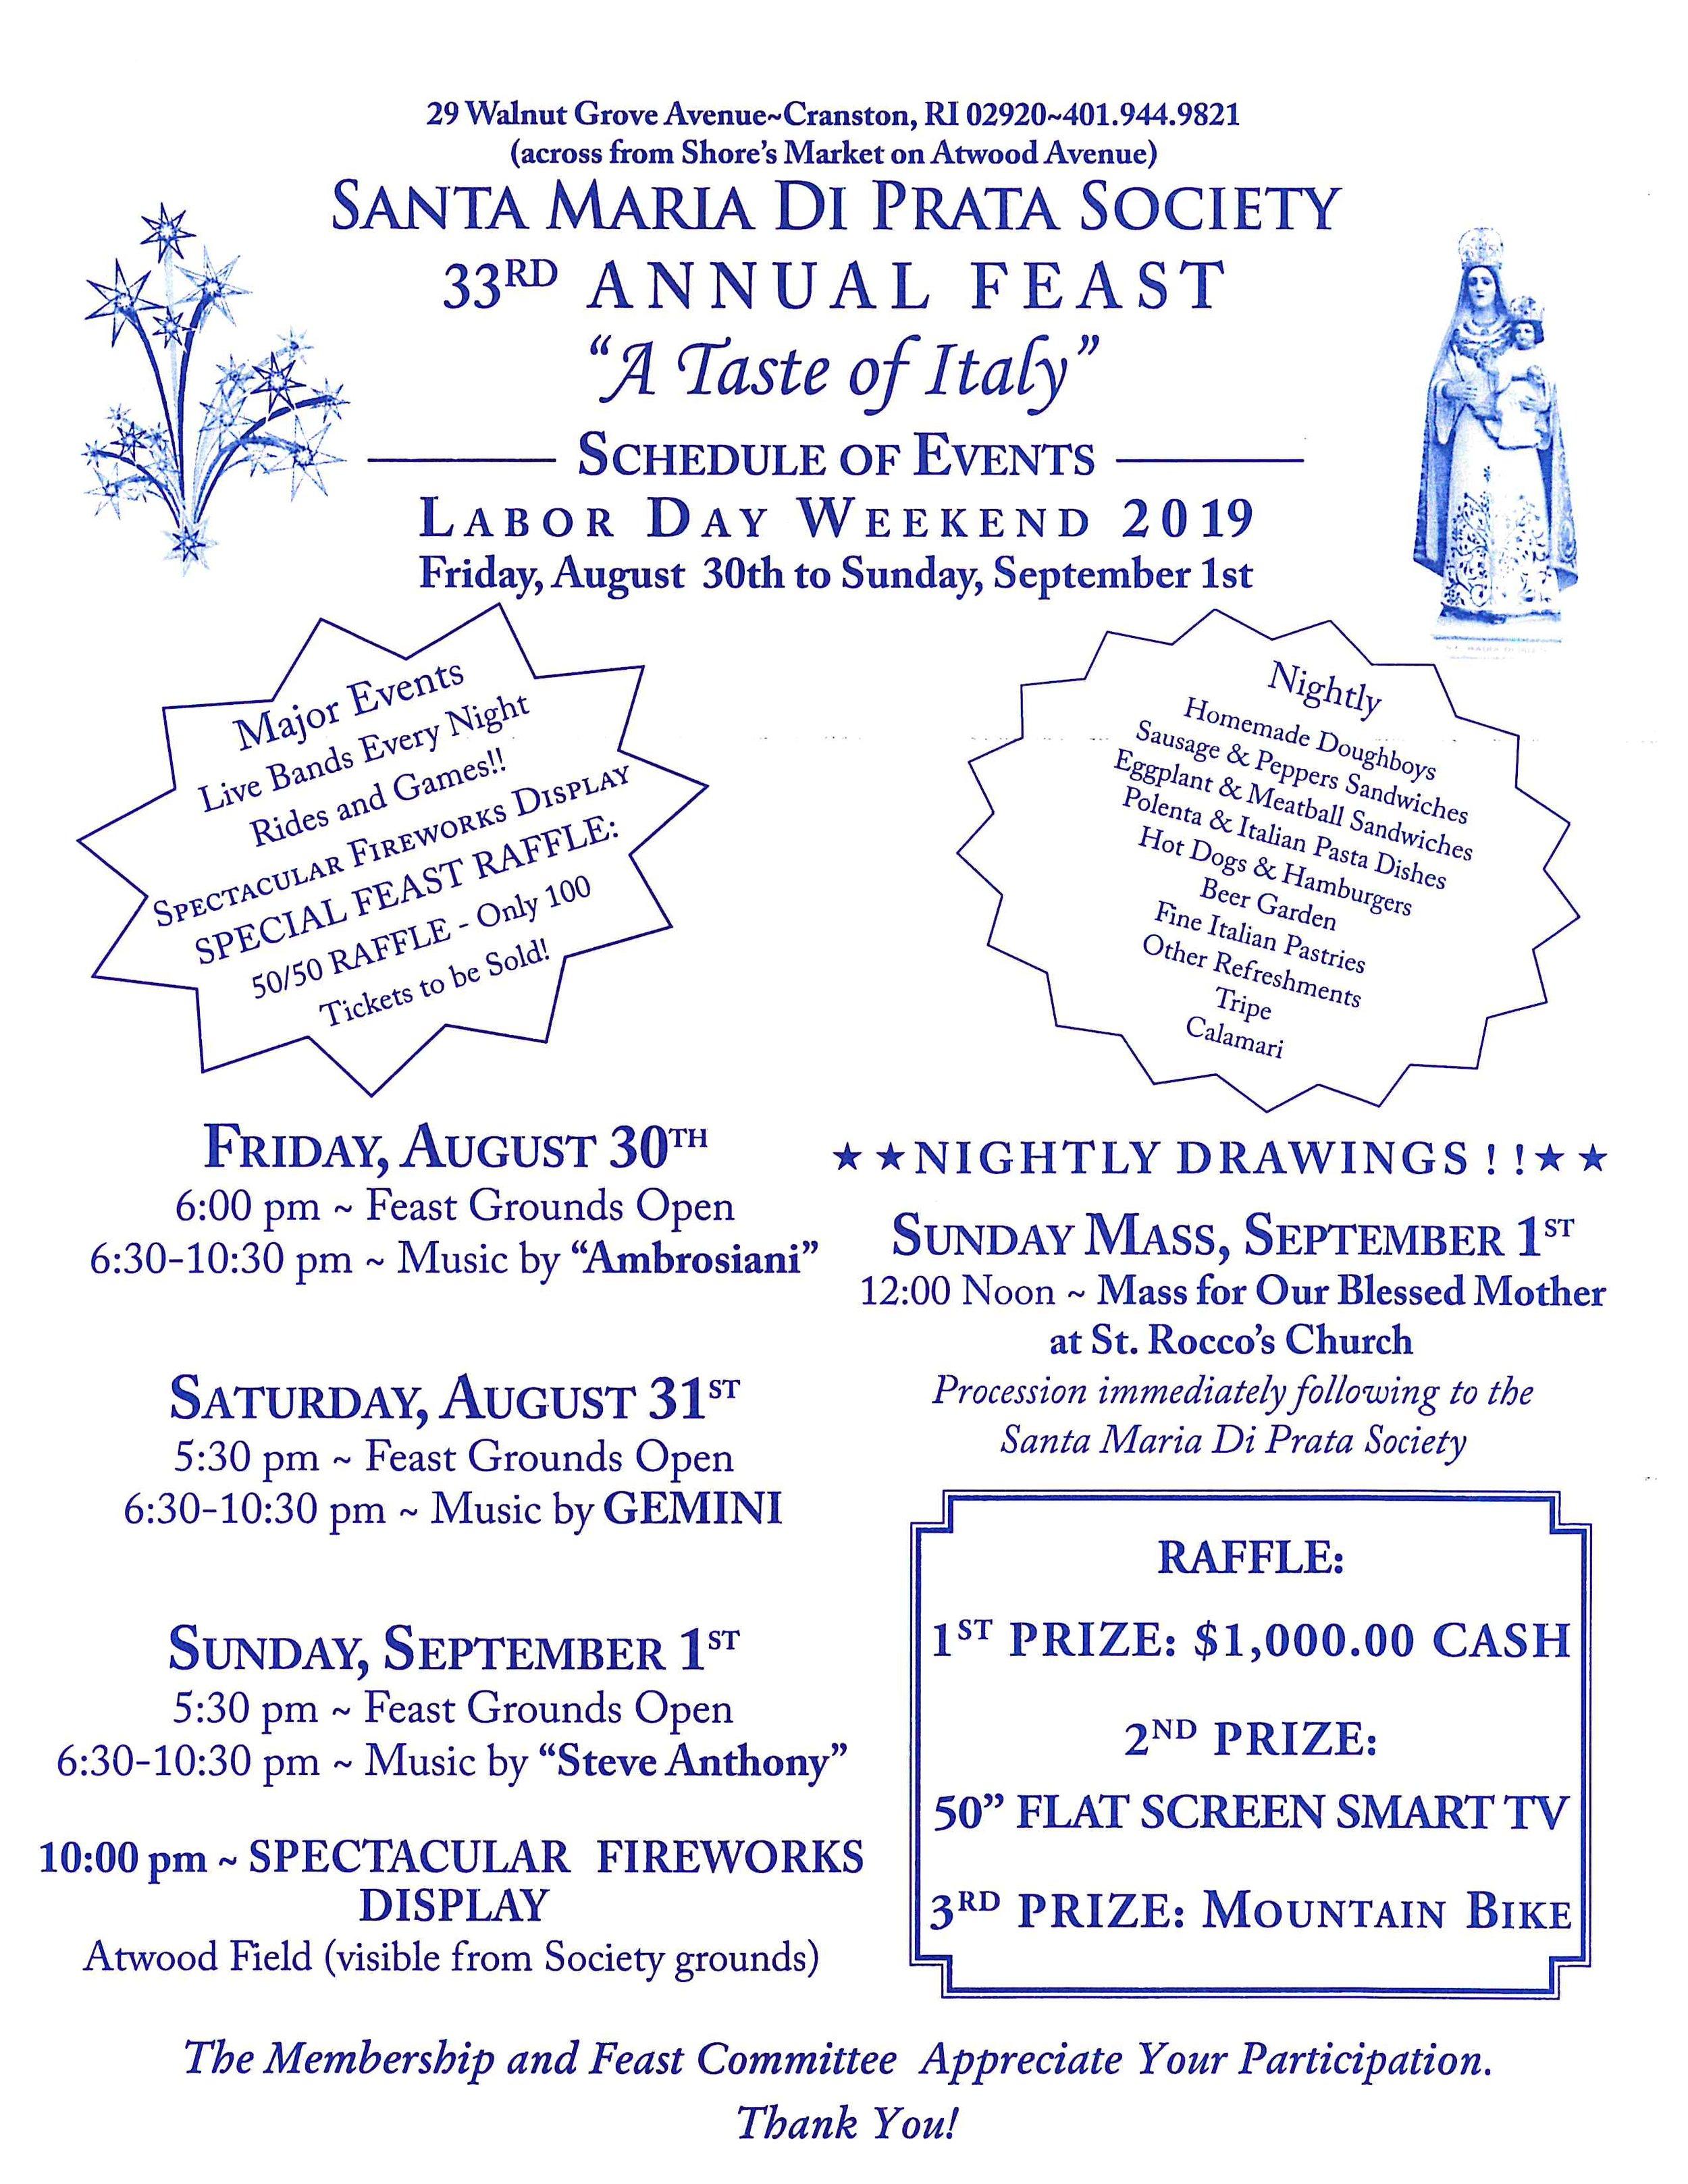 Santa Maria Di Prata Society 33rd Annual Feast.jpg